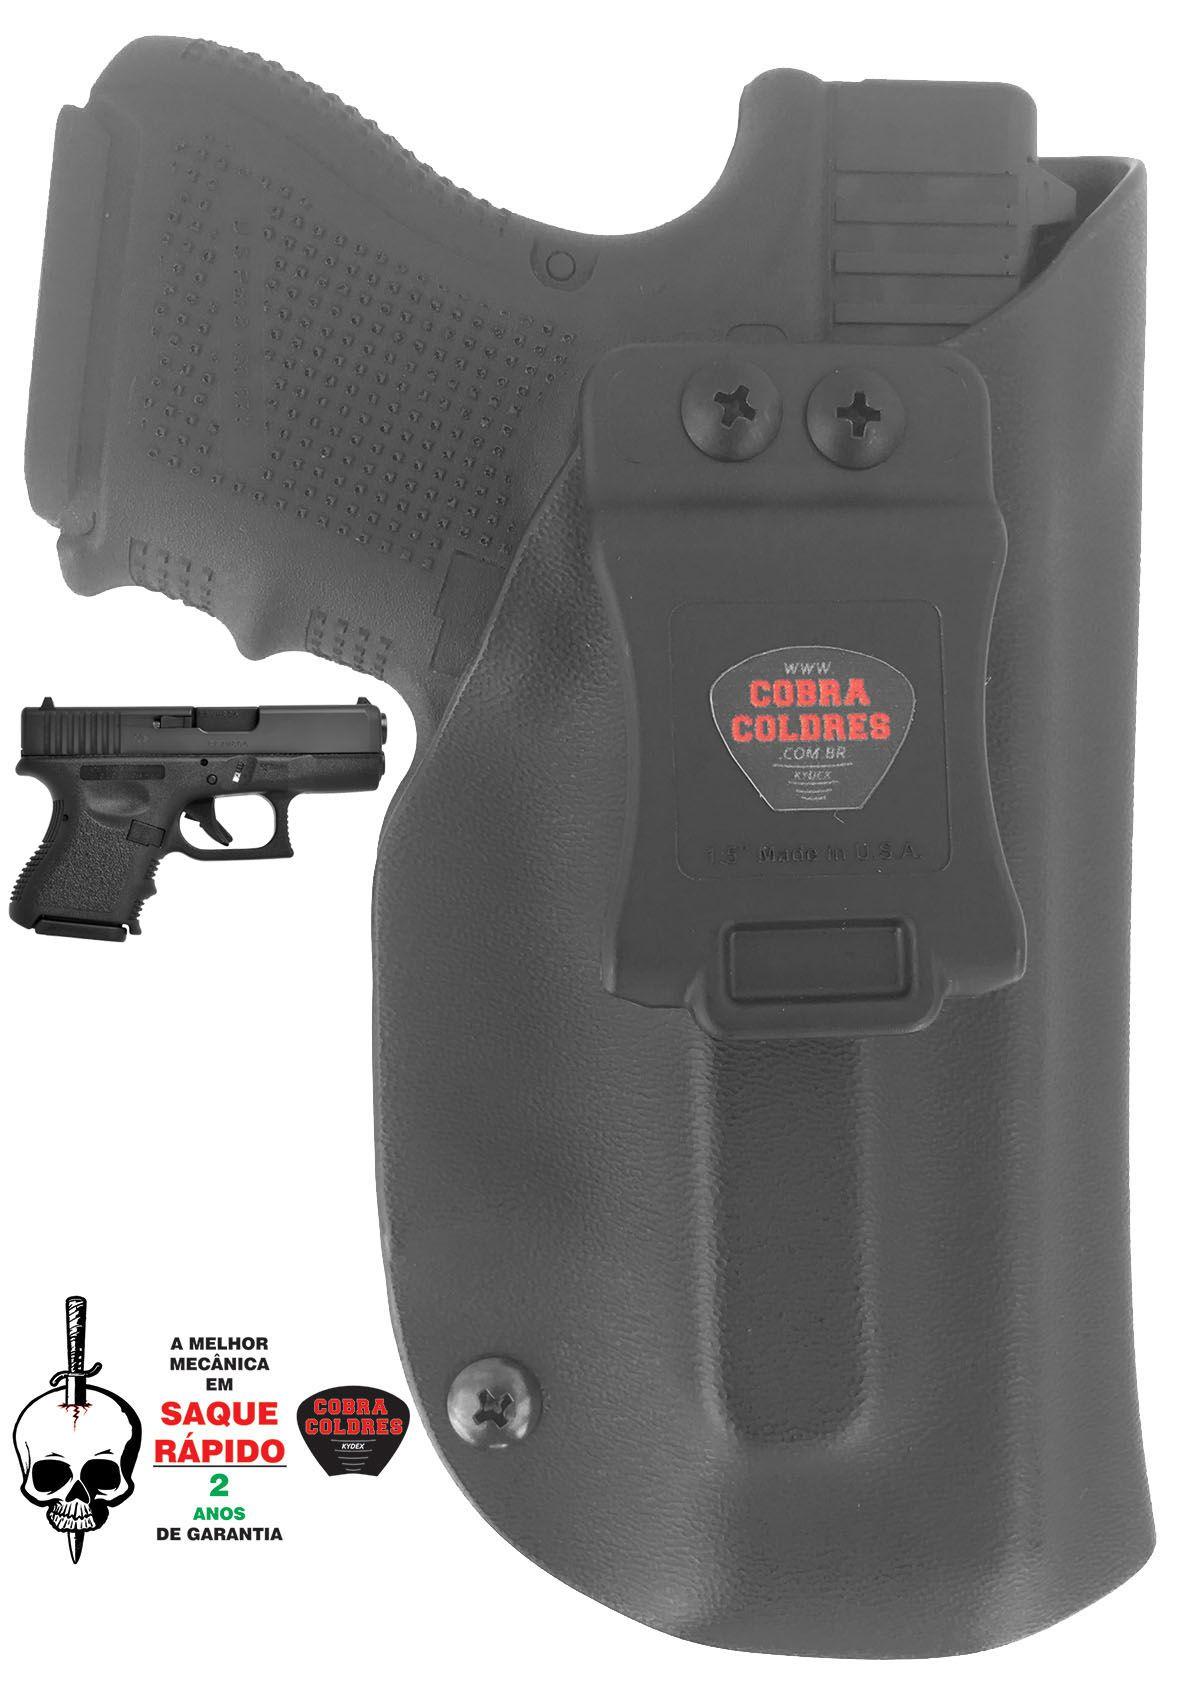 Coldre G28 / G26 / G27 / G33 Glock Saque Rápido Kydex